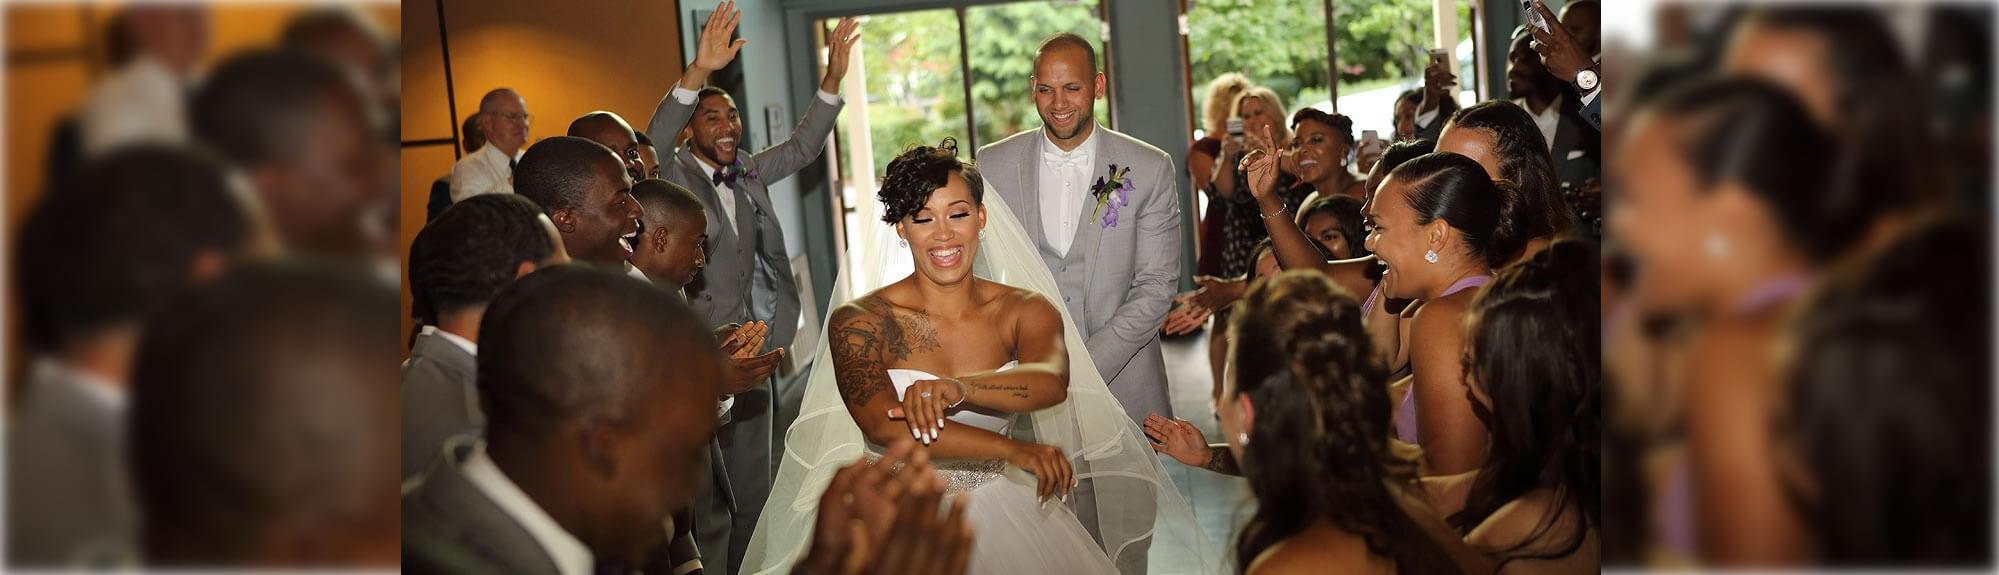 Auditorium - Large Wedding Event Rental - photo credit Alan Alabastro